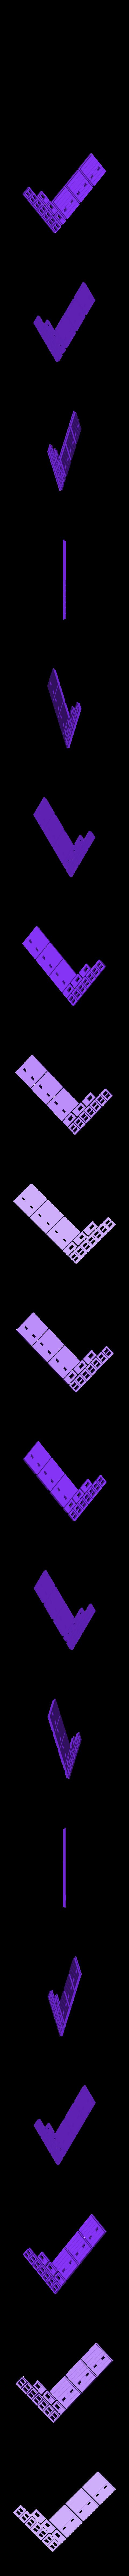 Door_and_Window_Frames.stl Télécharger fichier STL gratuit Opérations de triage à l'échelle HO • Design imprimable en 3D, kabrumble